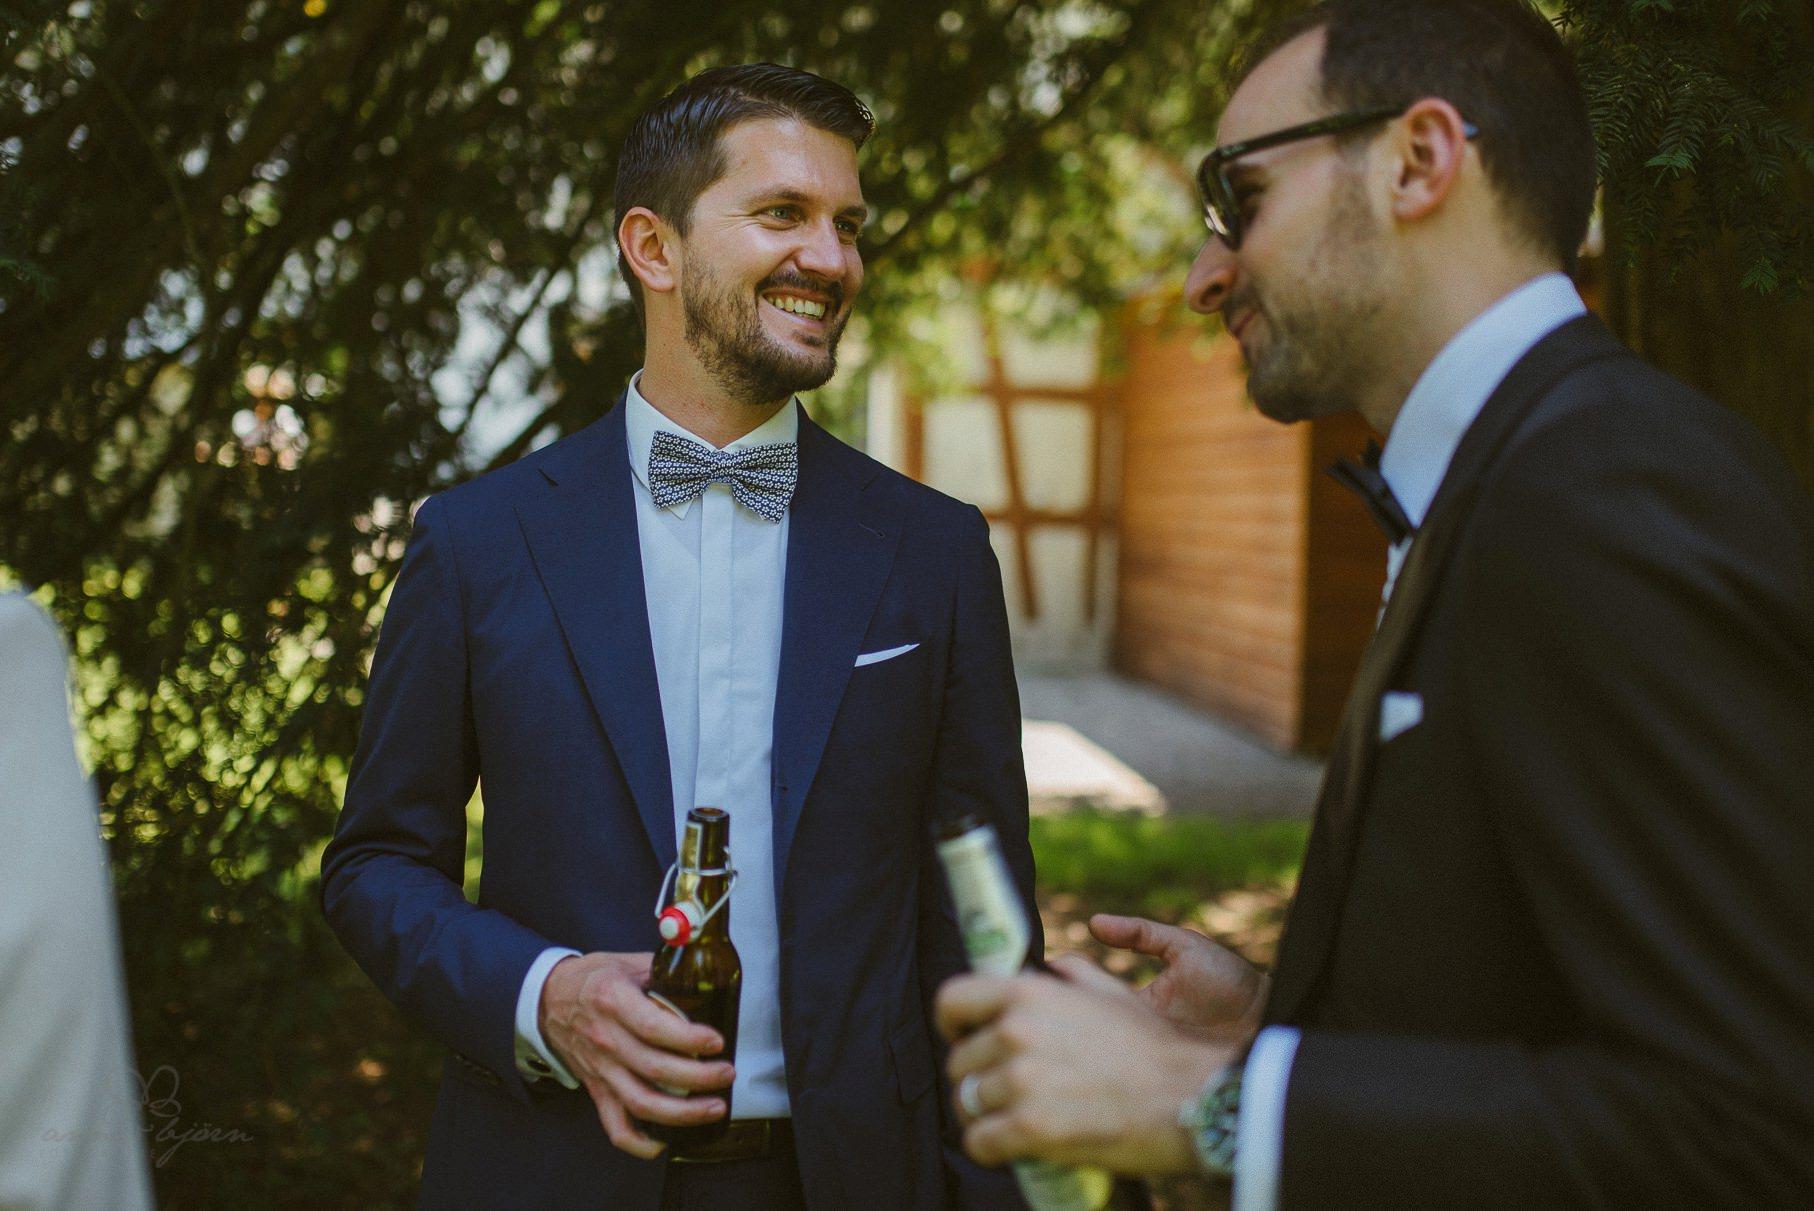 0069 anne und bjoern hochzeit schweiz d75 0444 - DIY Hochzeit in der Schweiz - Sabrina & Christoph